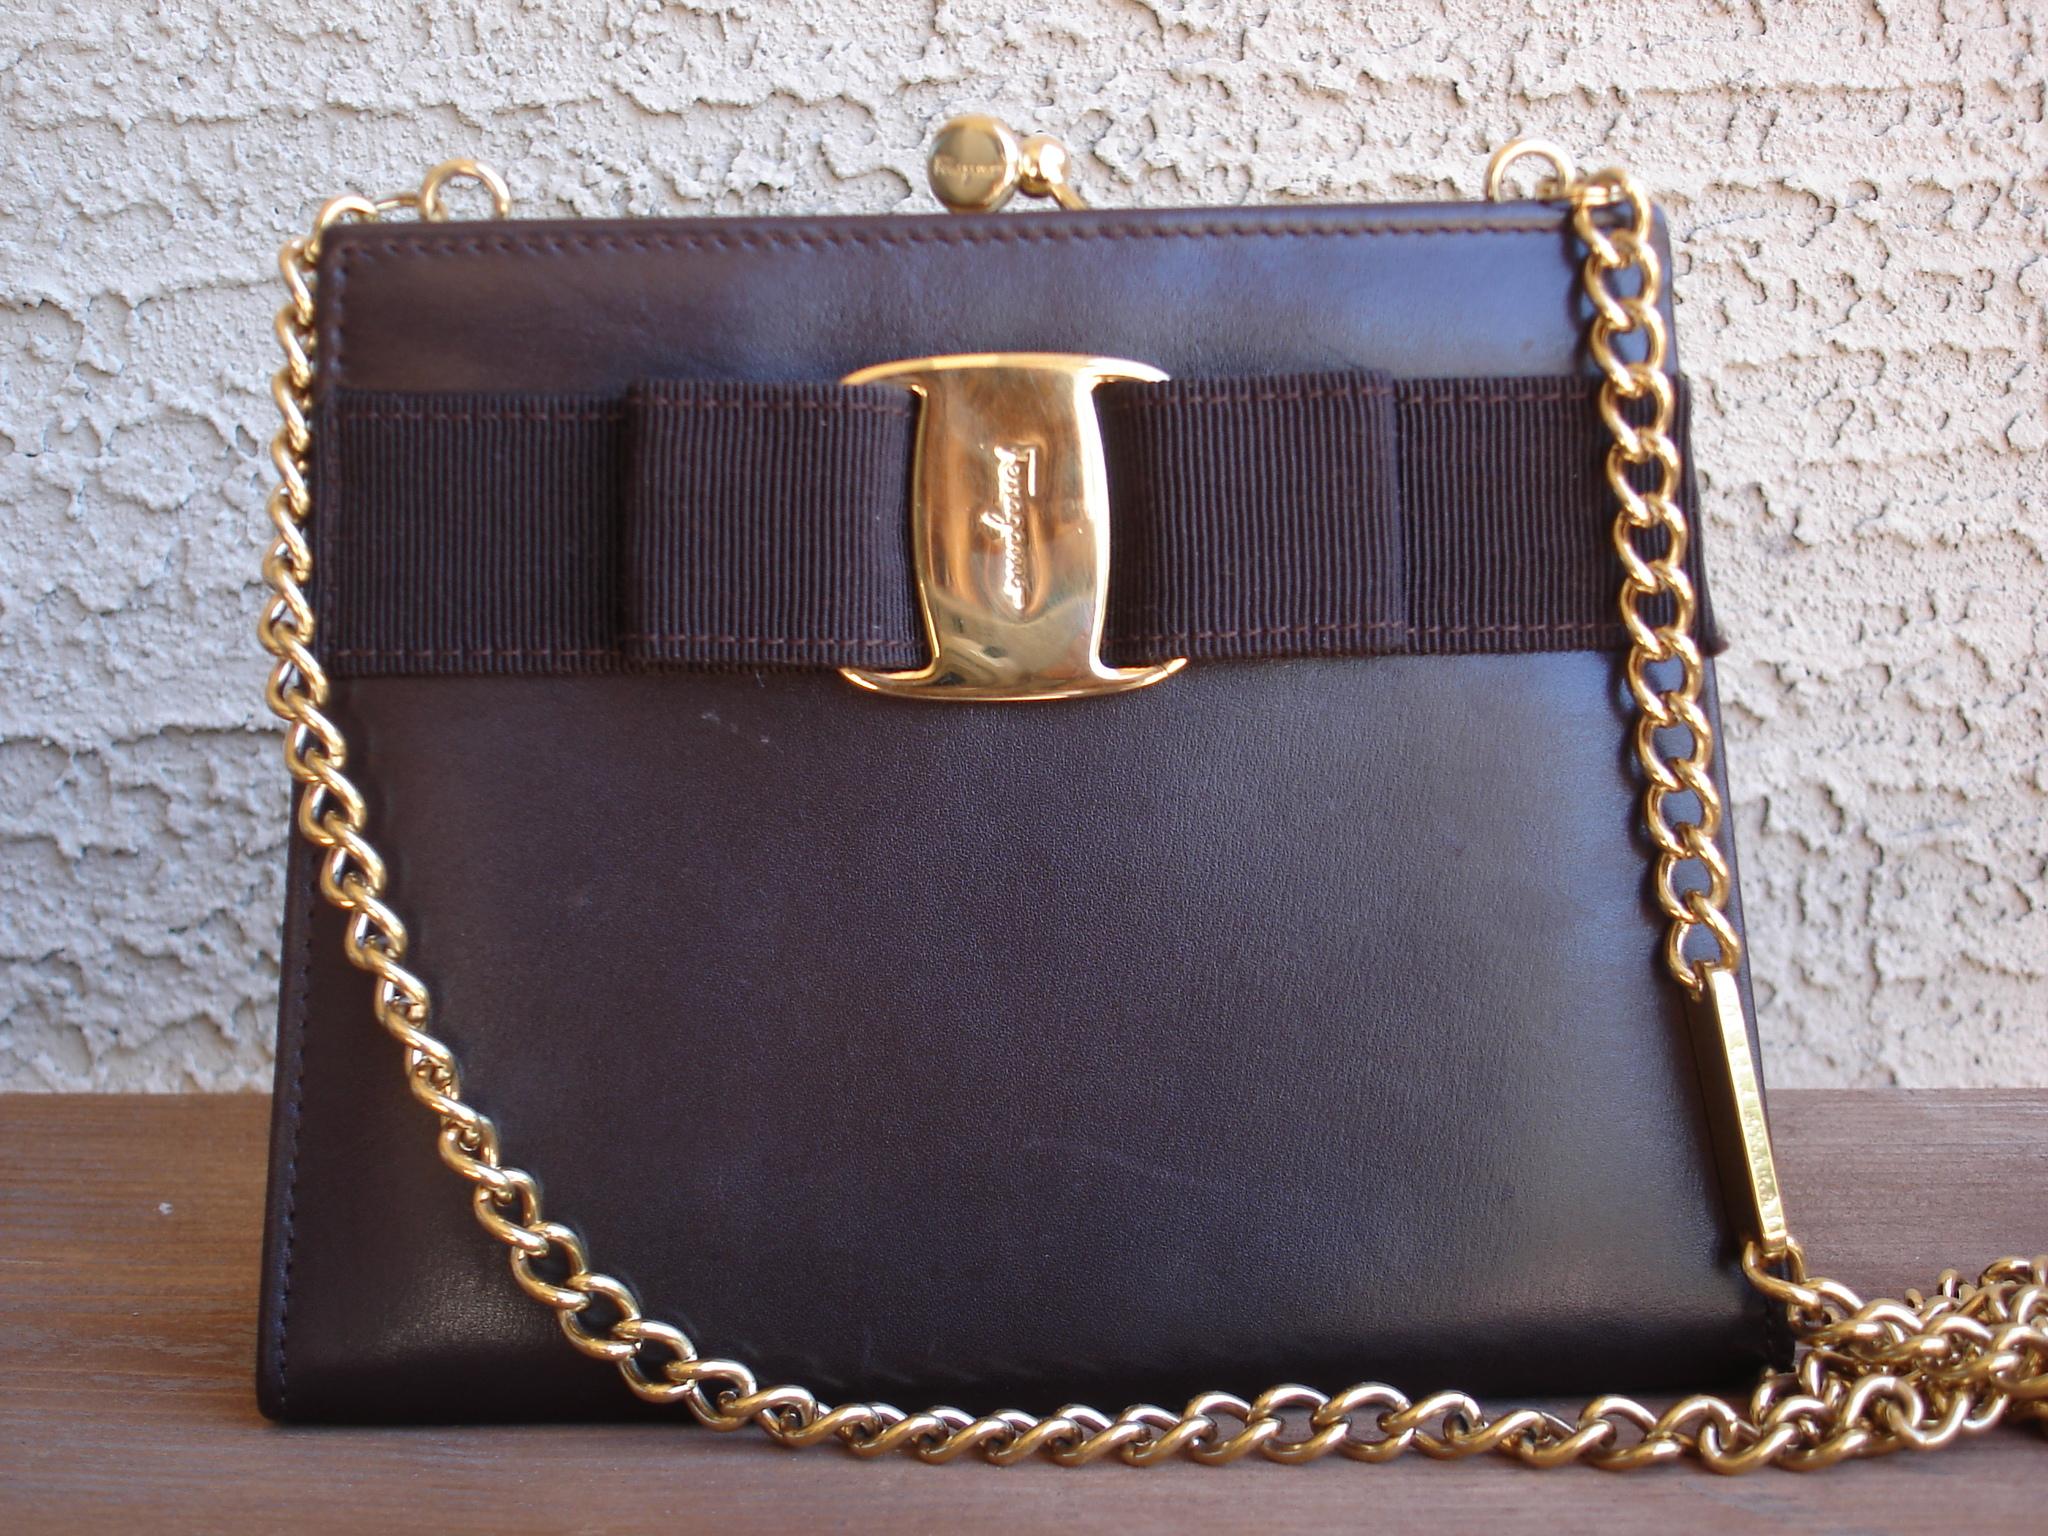 0e5e9926a29c Authentic Vintage Salvatore Ferragamo Vara Gold Chain Brown Leather Mini Bag  Pouch Purse